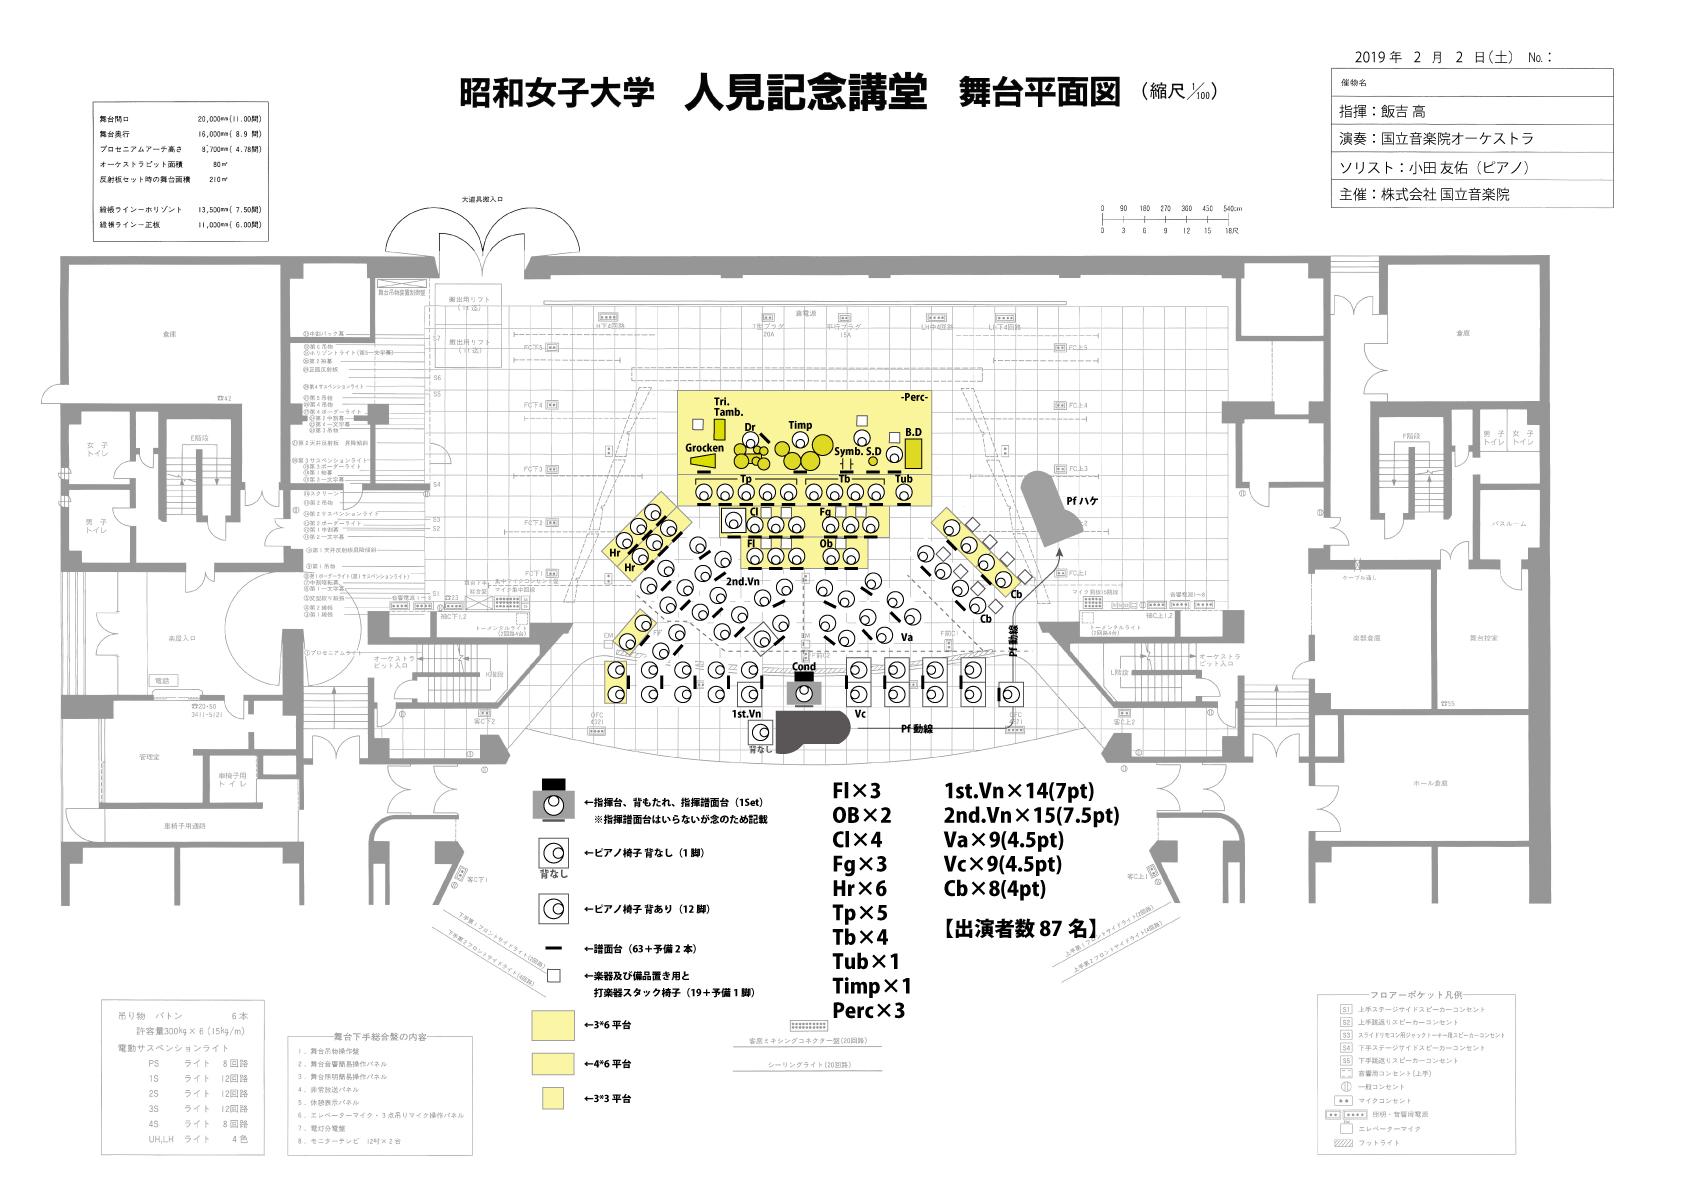 昭和女子大学 人見記念講堂の舞台平面図。ステージ上にどの楽器がどの位置に構えるか書かれています。